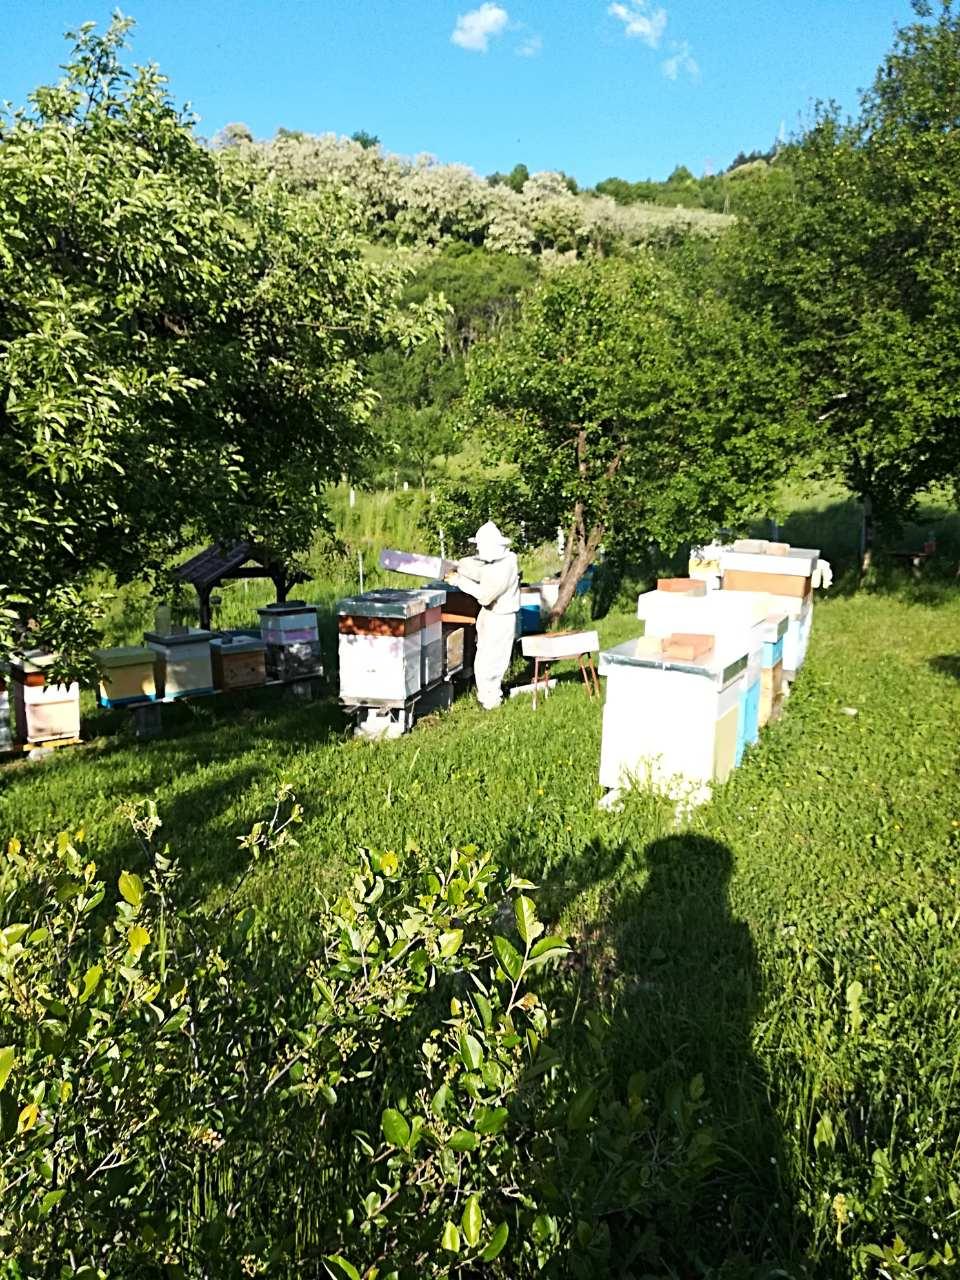 Ilustracija: Pčelinjak, foto: S.K.